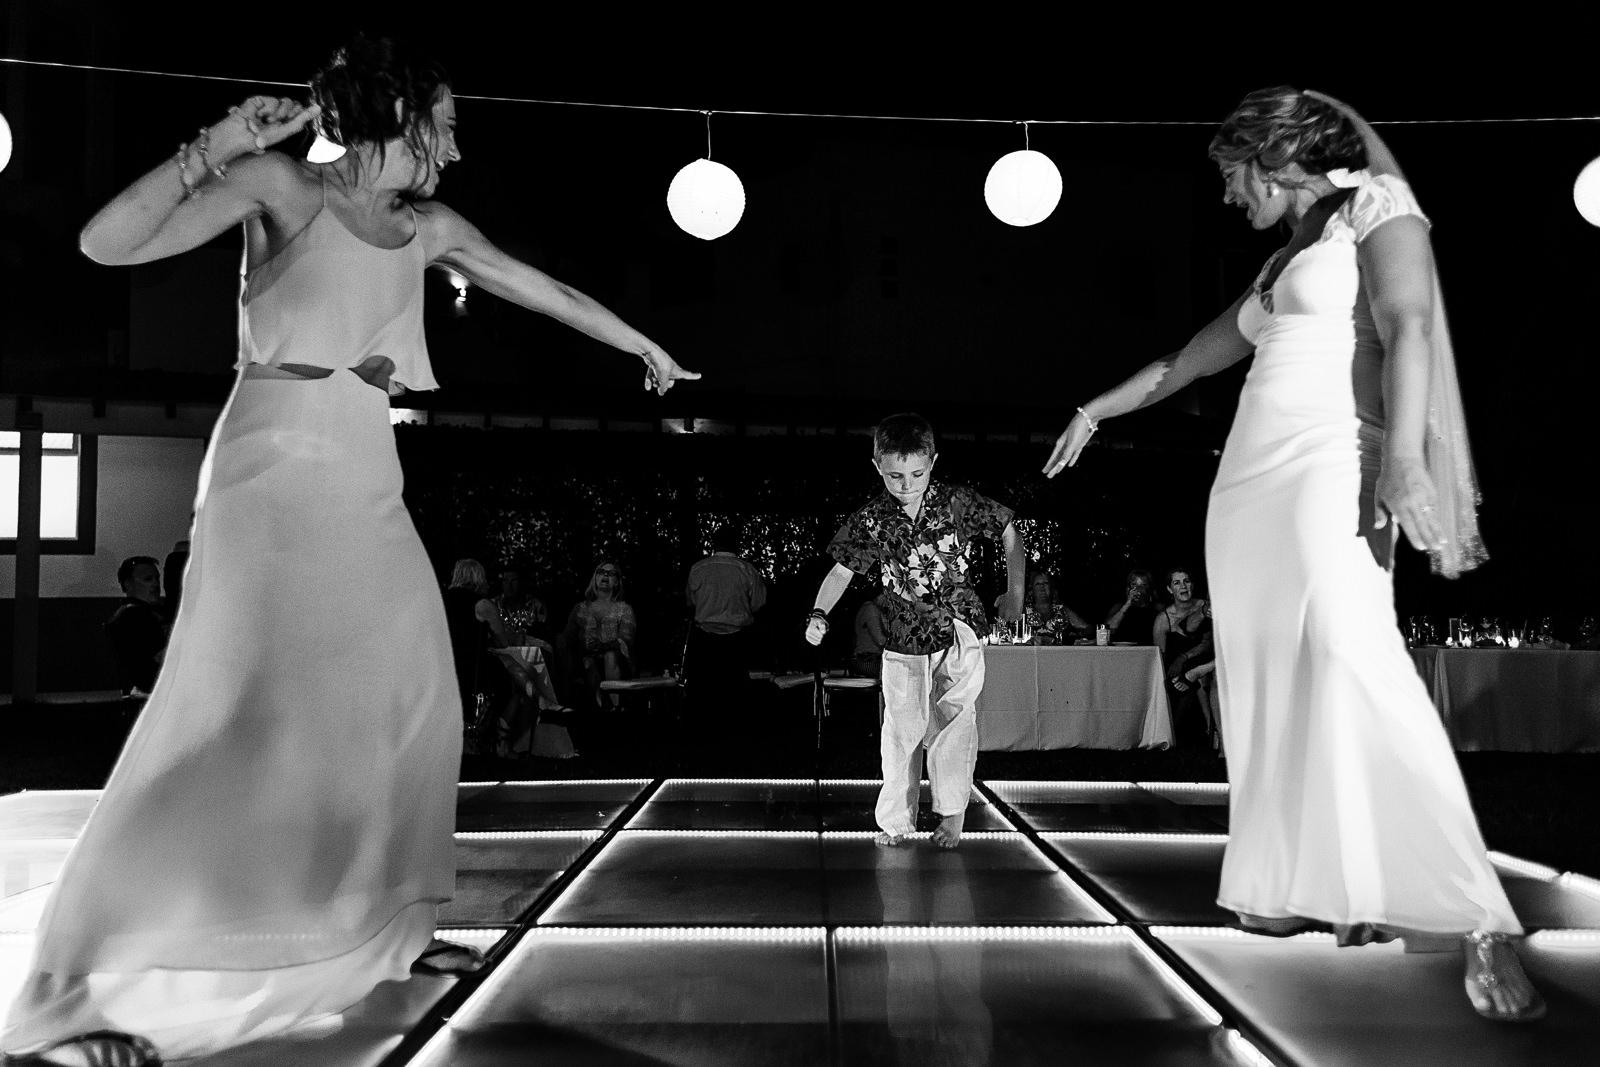 dance-floor-puerto-vallarta-martoca